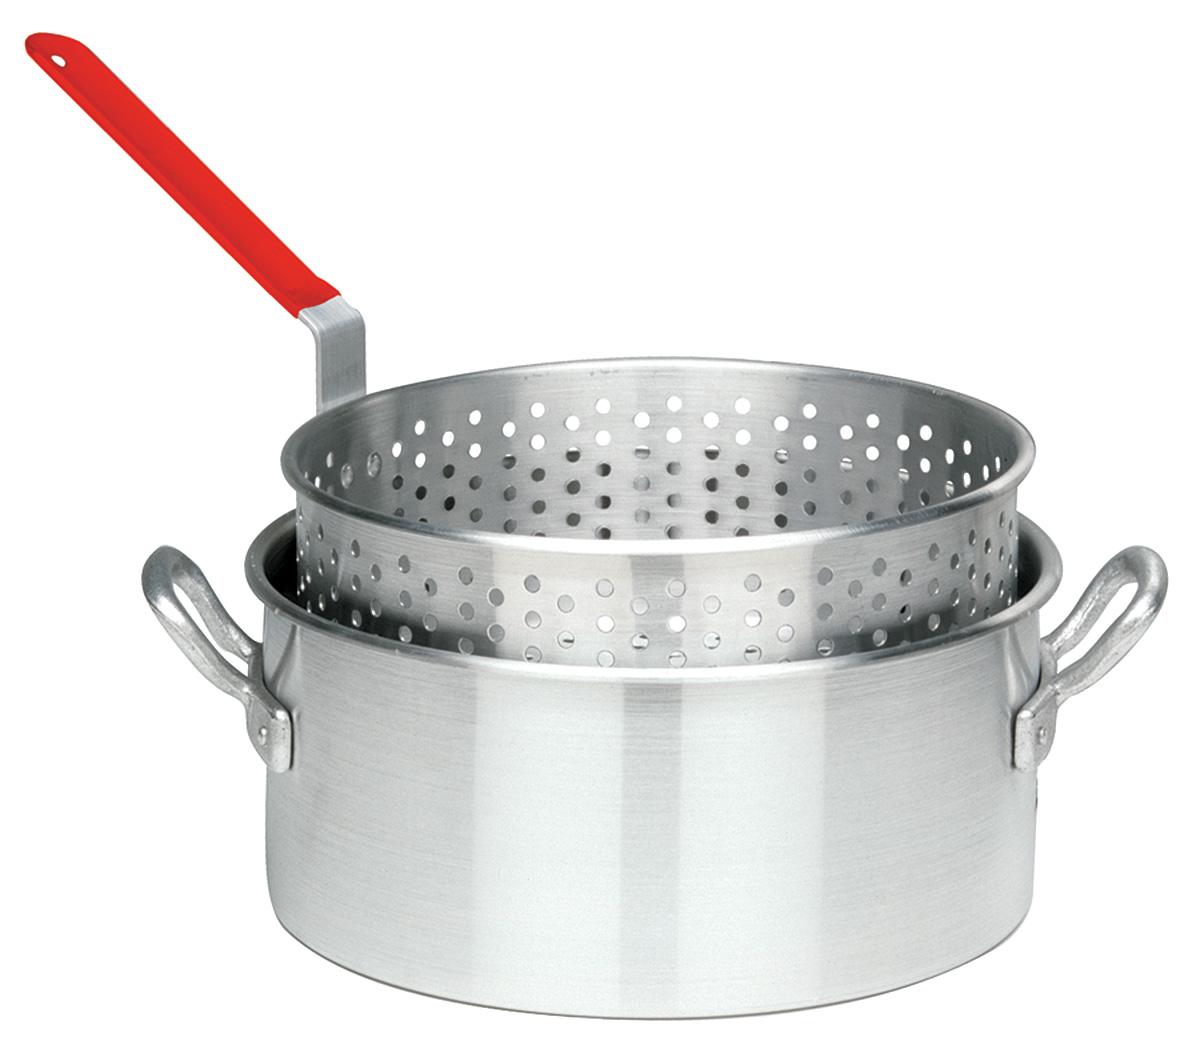 Bayou Classic 1201 Aluminum 10-Qt. Fry Pot- Basket - No Lid